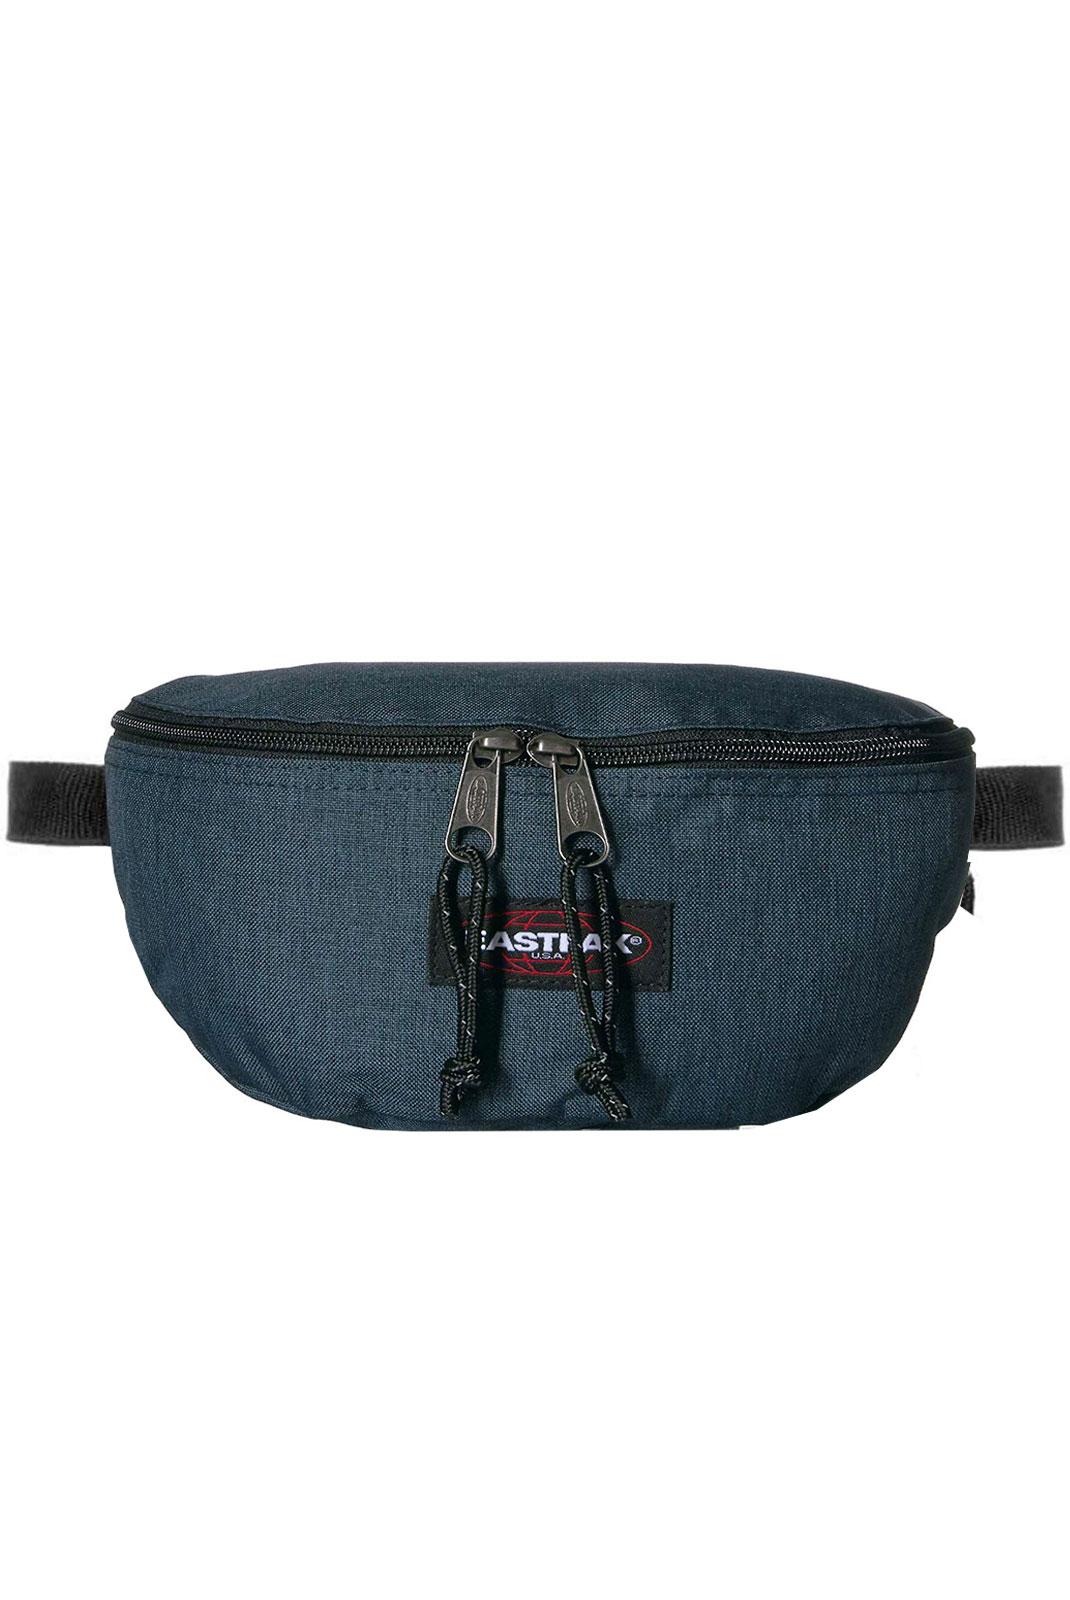 Sac porté épaule  Eastpak EK07426W  bleu